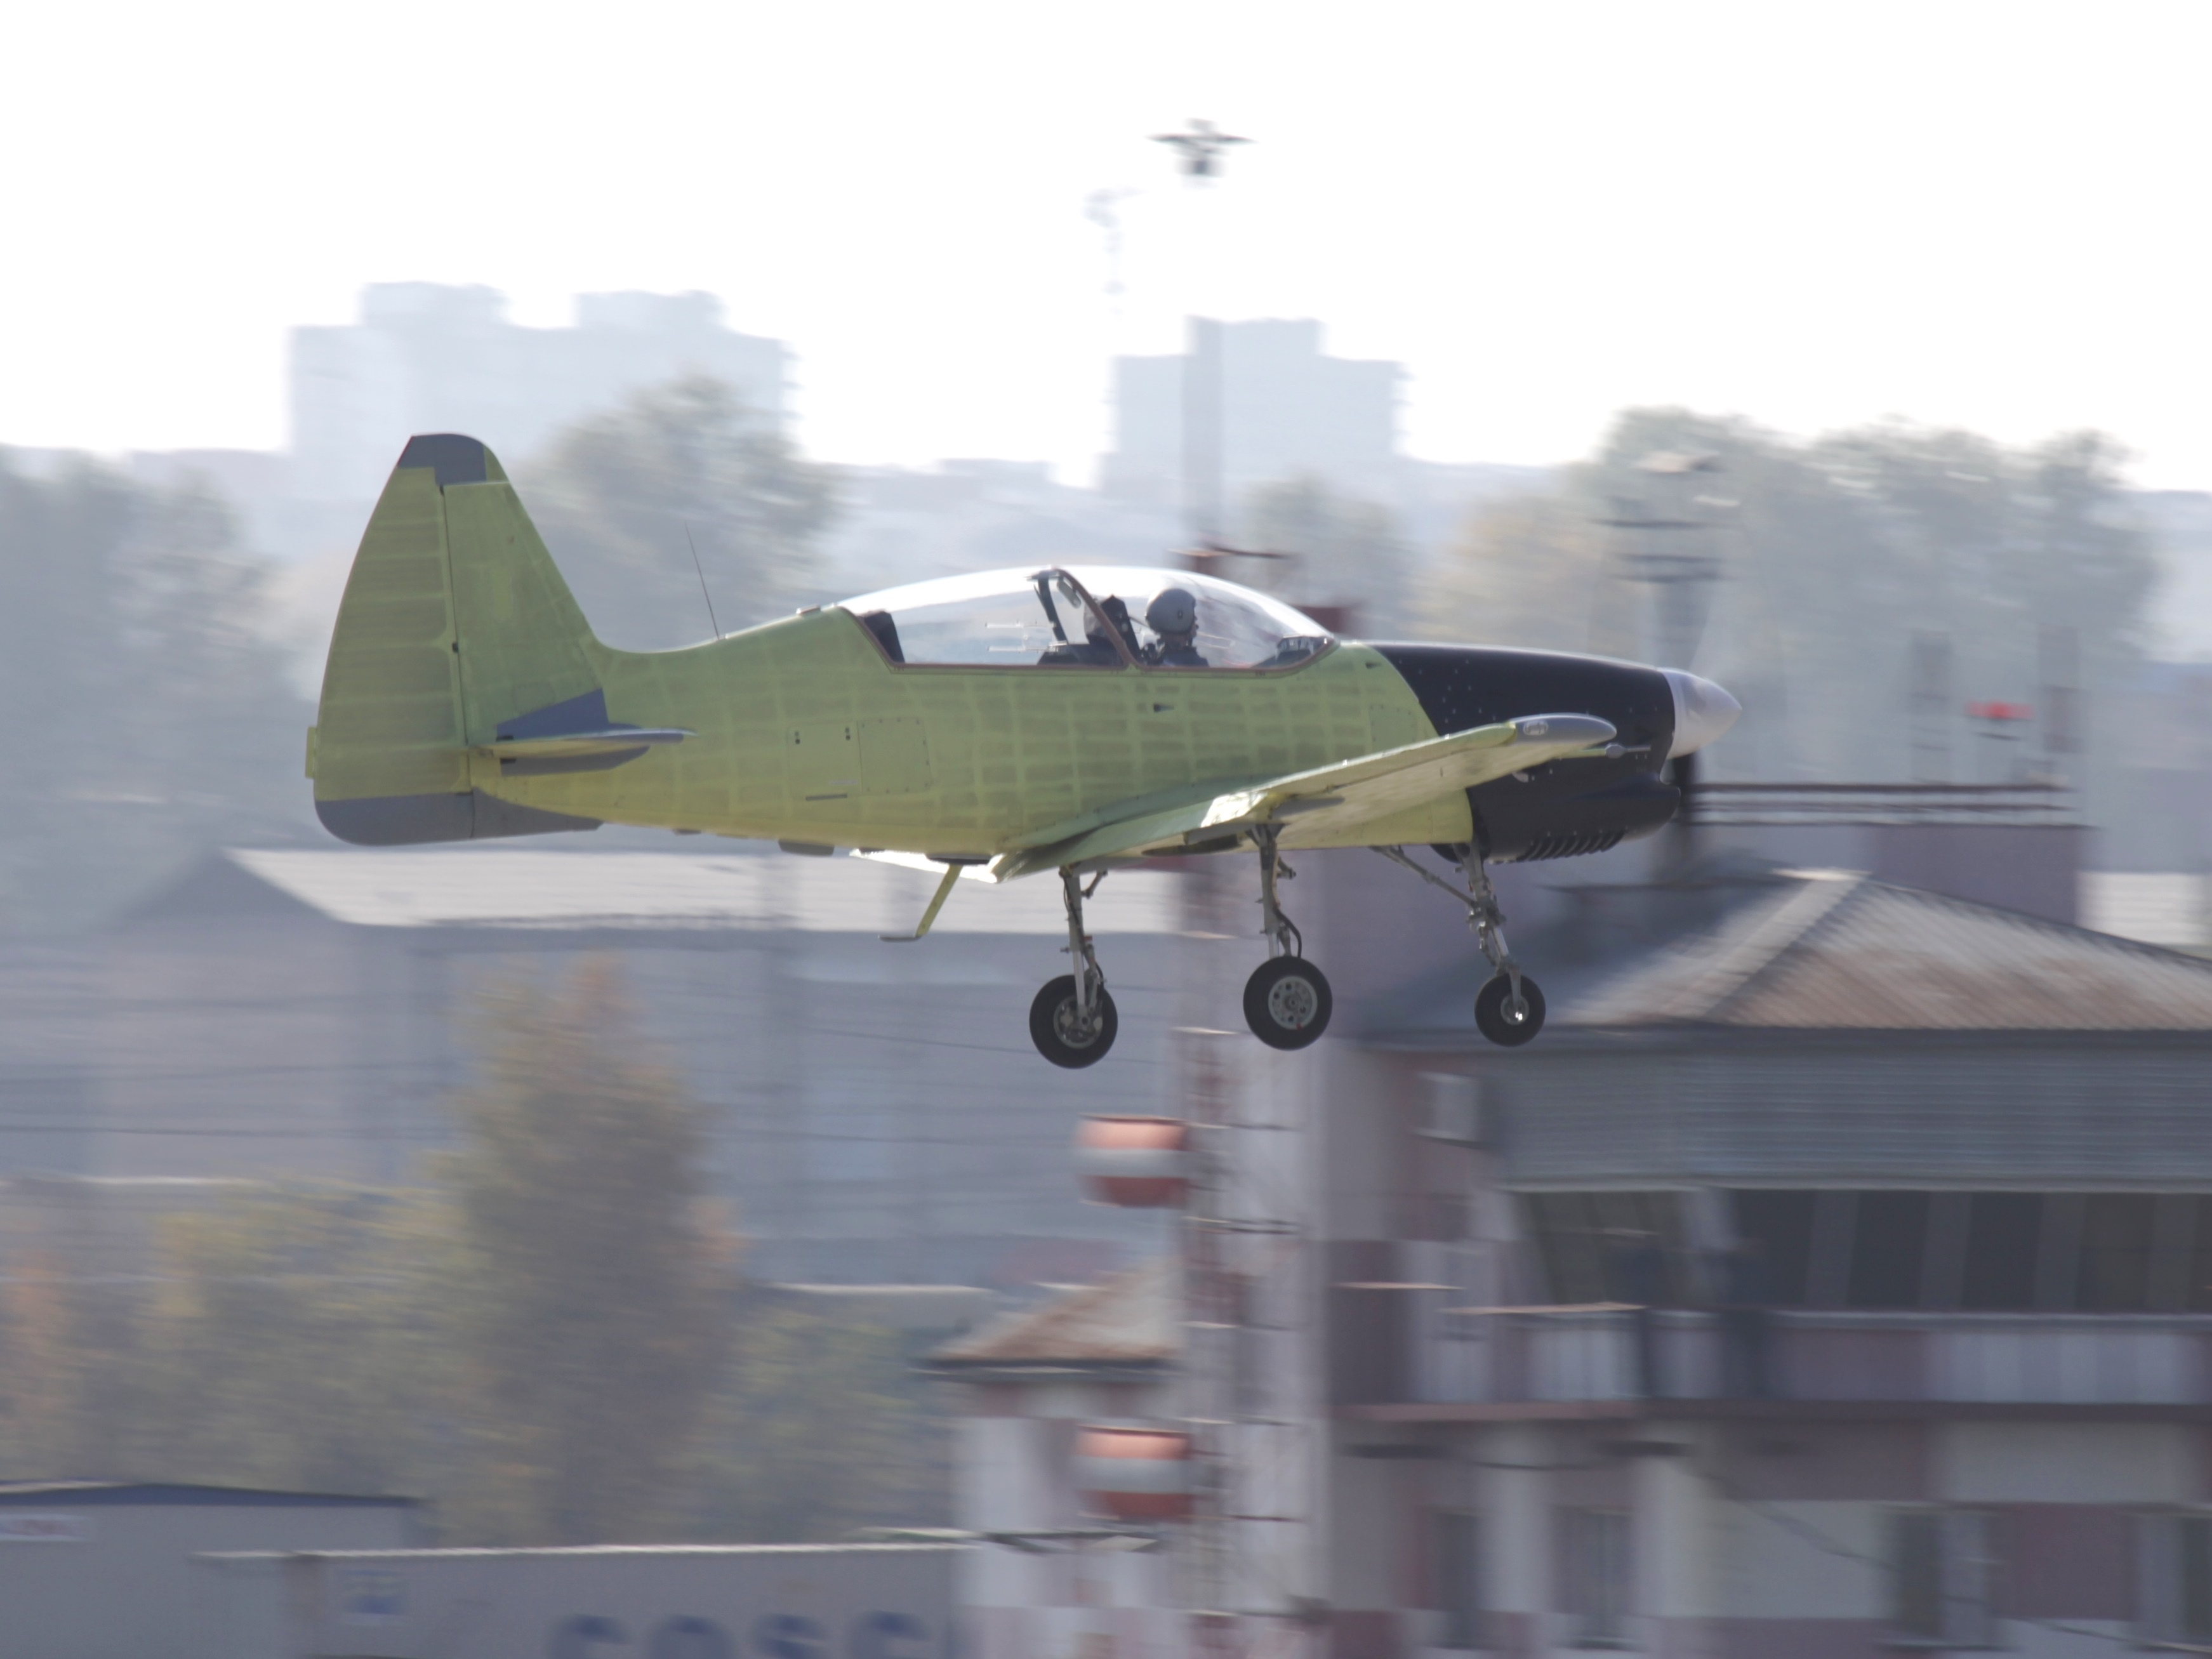 Учебно-тренировочный самолёт Як-152 совершает первый полёт на аэродроме Иркутского авиационного завода – филиала ПАО «Корпорация «Иркут».